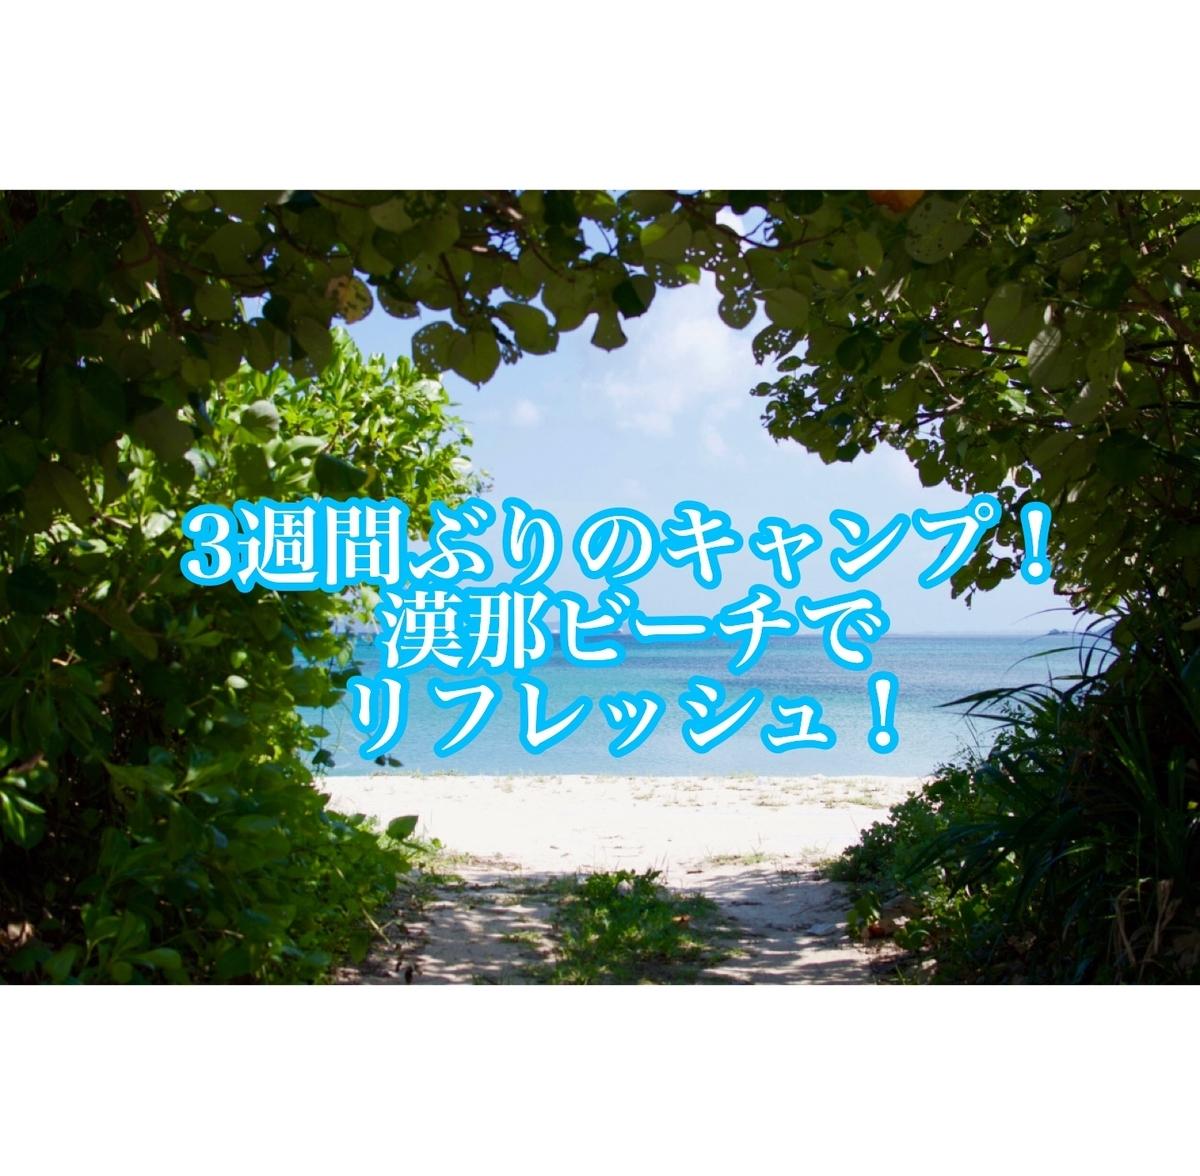 f:id:ushisaku:20190617113259j:plain